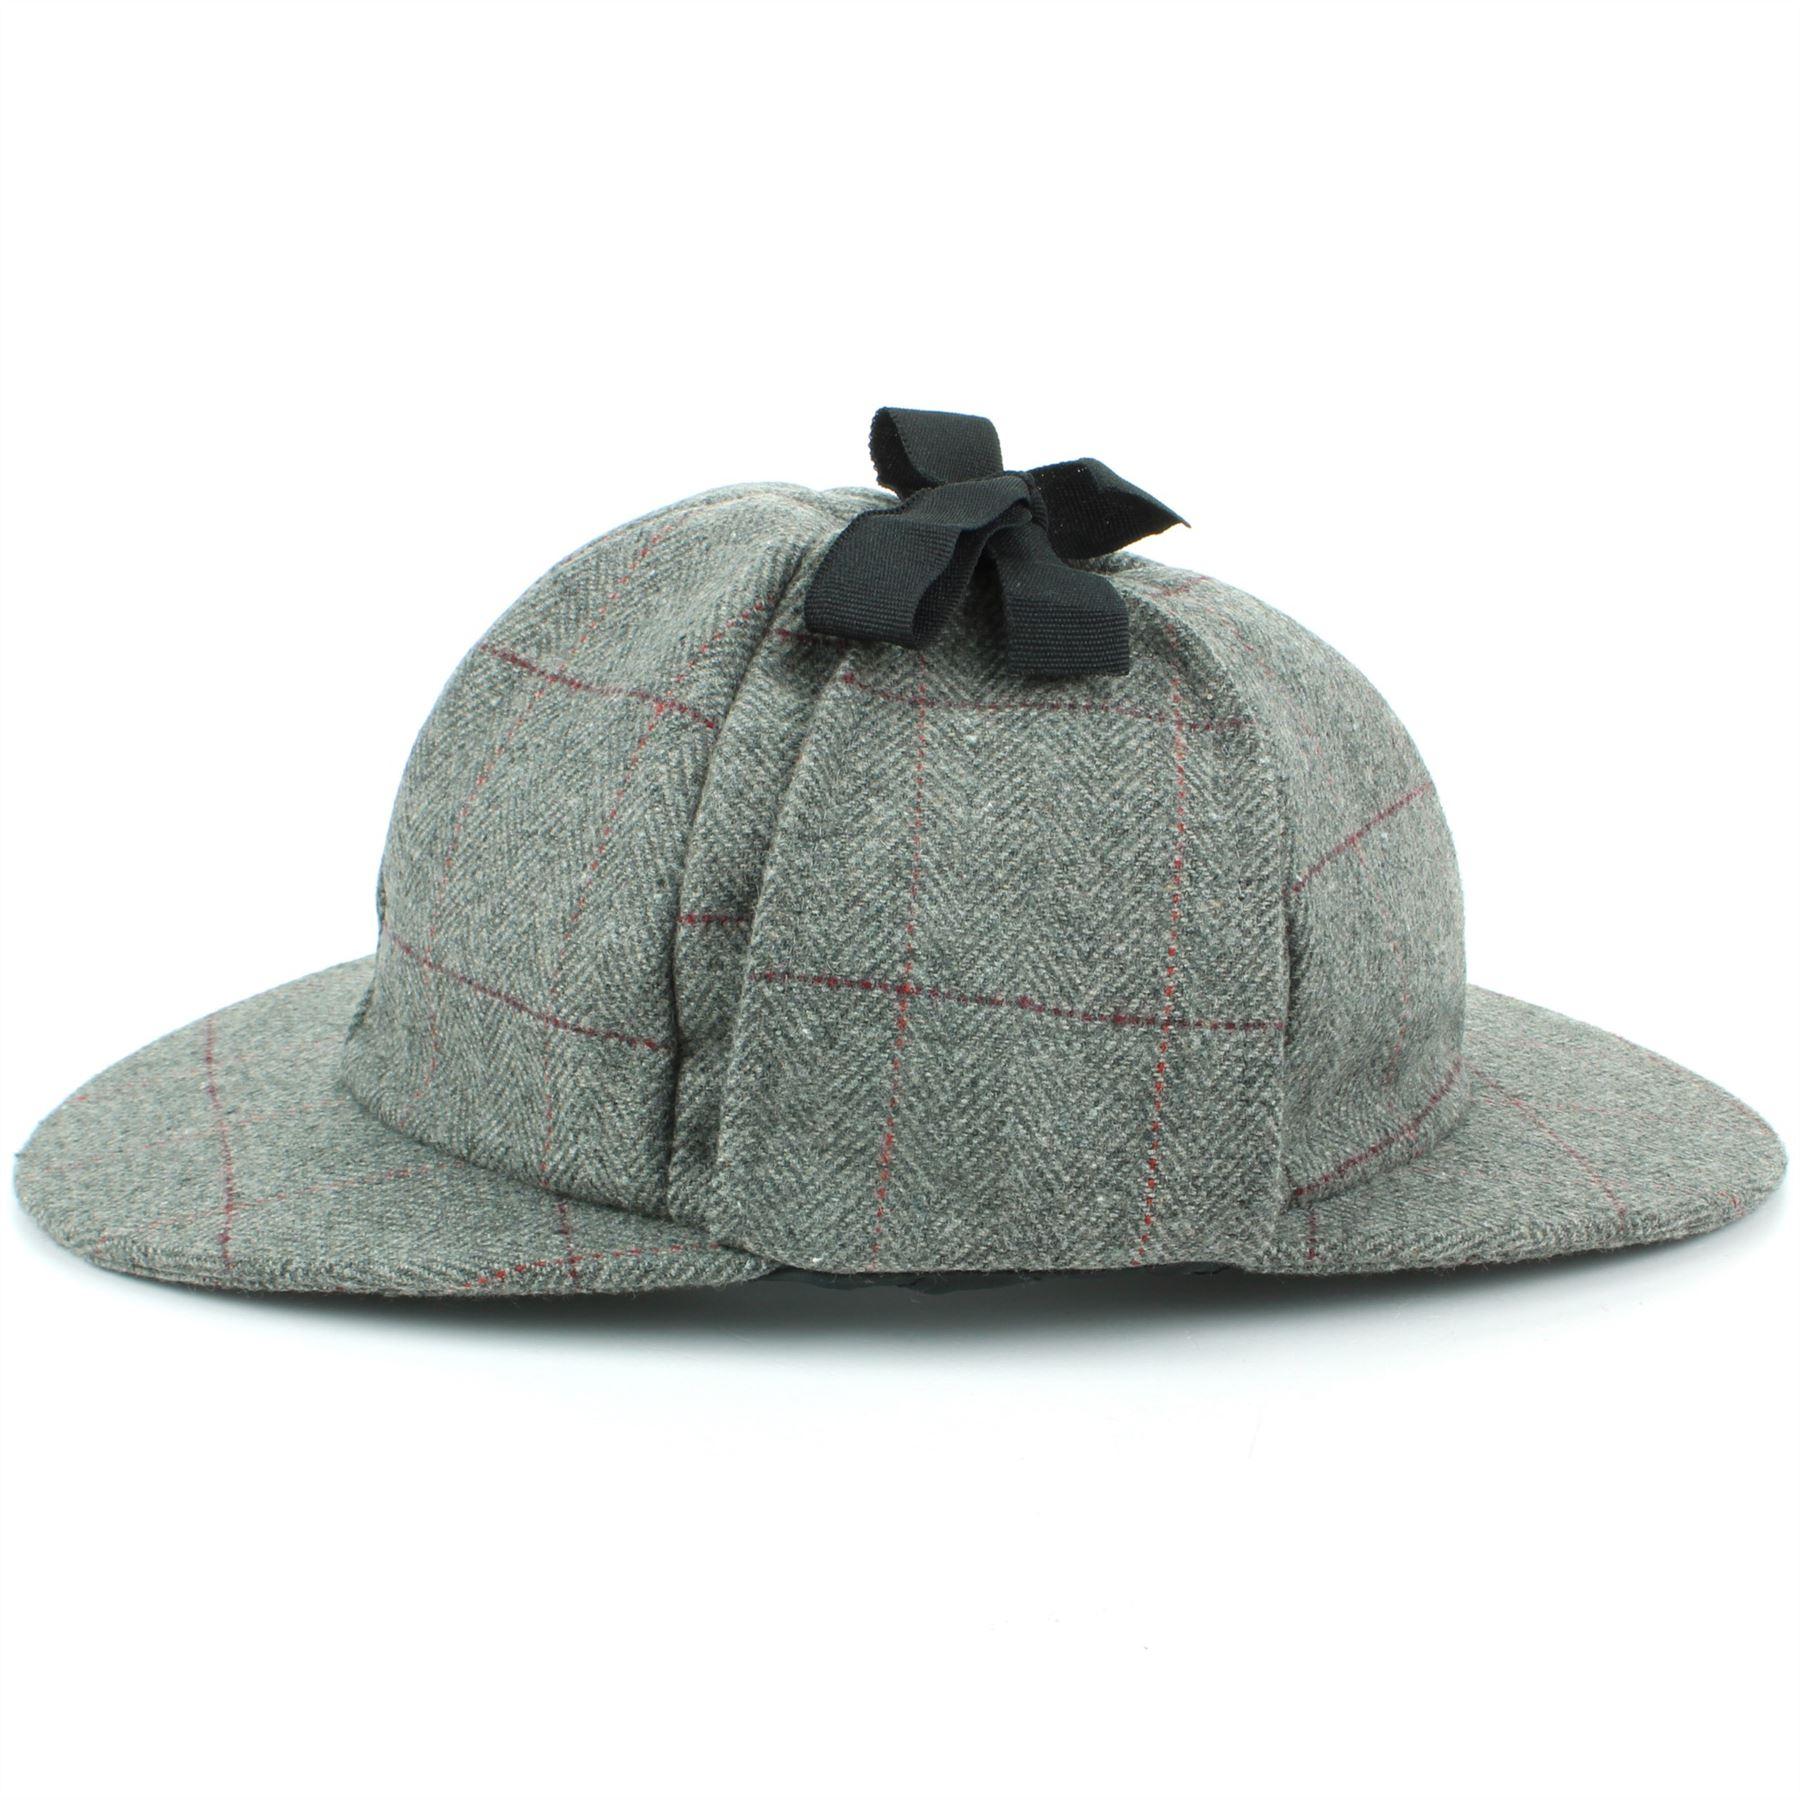 2bf49fd8299 Deerstalker Hat Herringbone Tweed Sherlock Holmes Grey Flat Cap ...